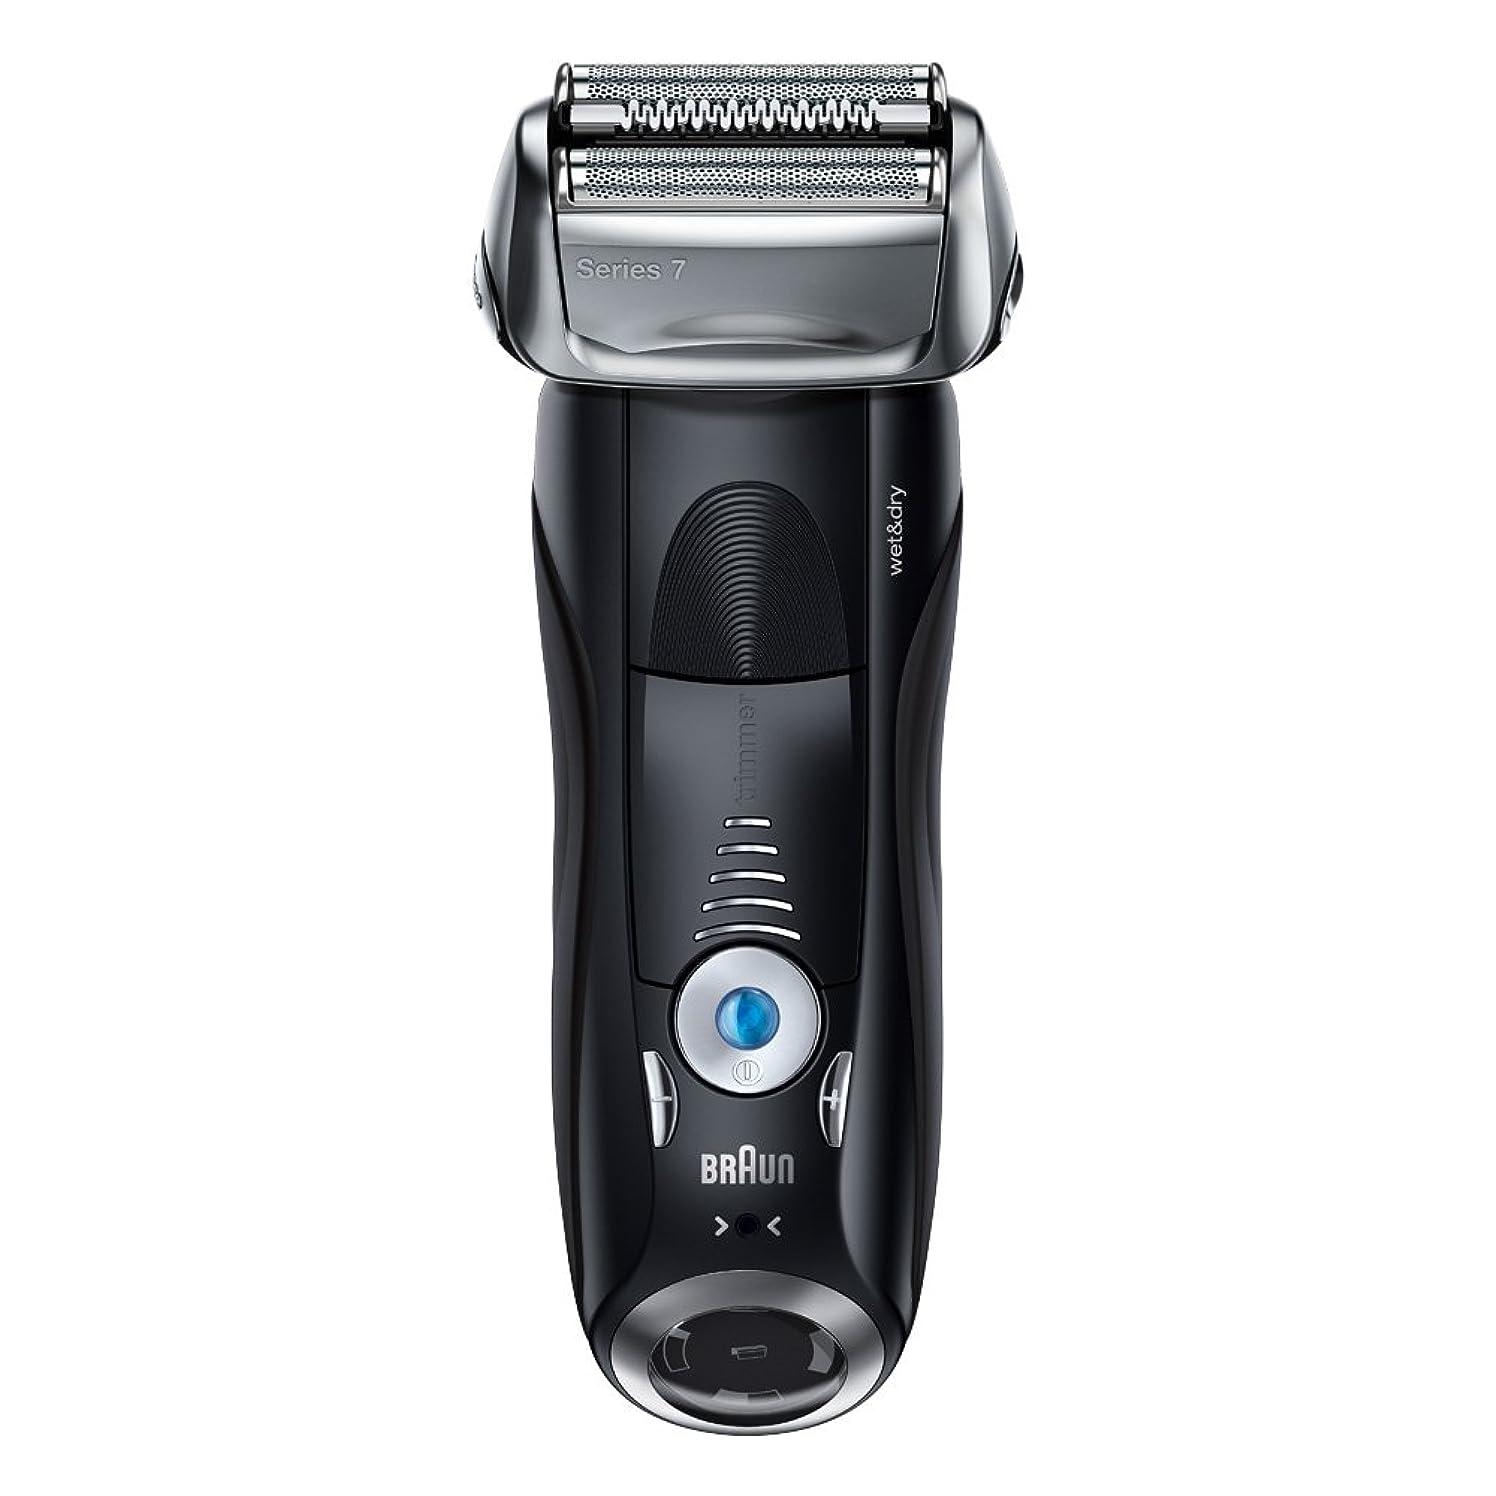 許すアンタゴニスト責めブラウン メンズ電気シェーバー シリーズ7 7842s 4カットシステム 水洗い/お風呂剃り可